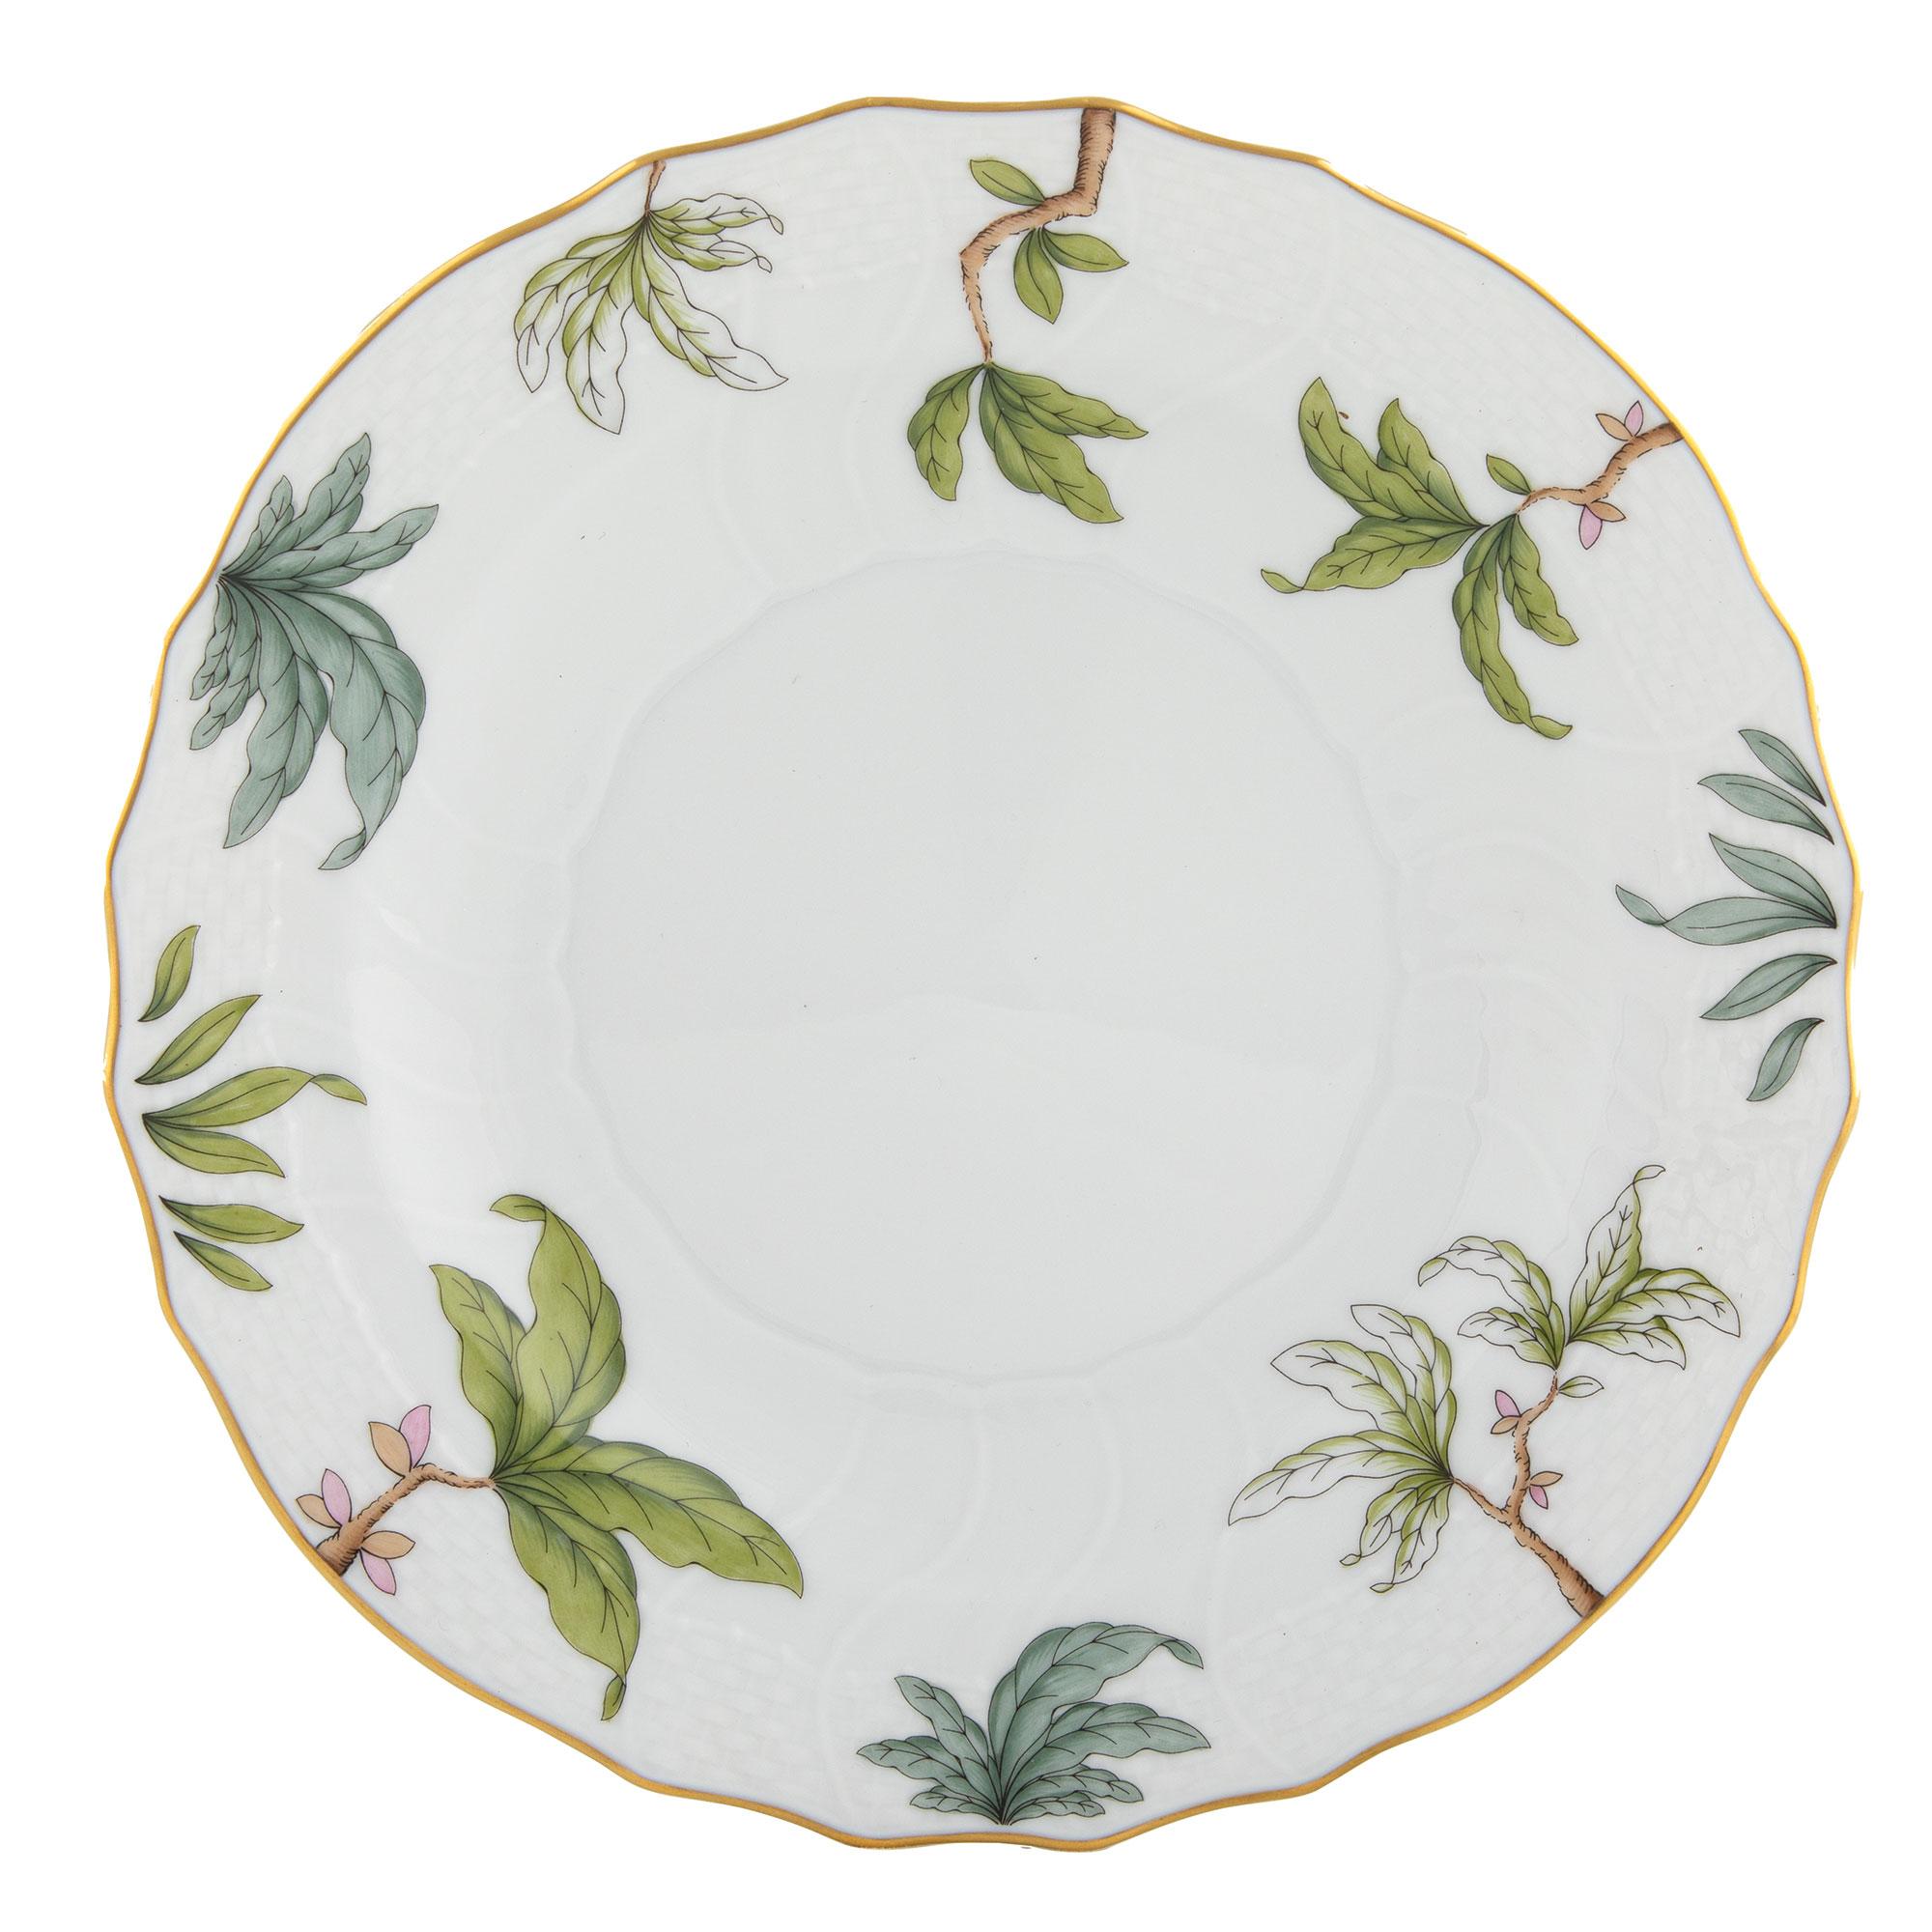 herend-foret-garland-salad-plate-7.5-in-foretg01518-0-00.jpg